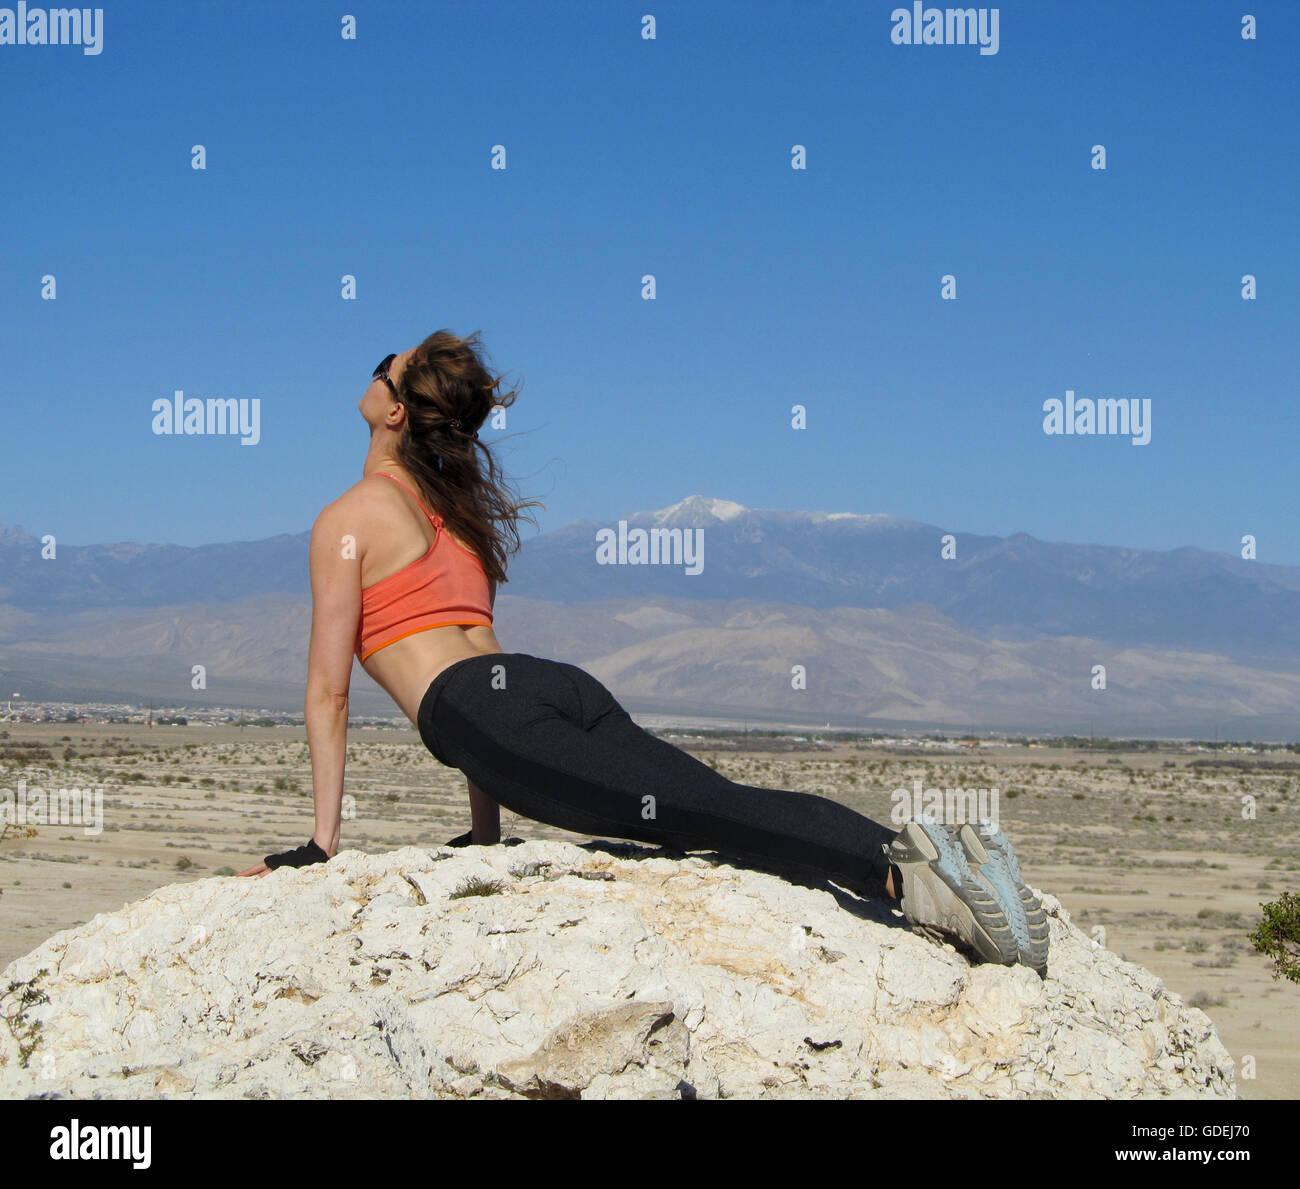 Frau tut ein nach oben mit Blick auf Hund Yoga pose auf einem Felsen in der Wüste, Nevada, Amerika, USA Stockbild